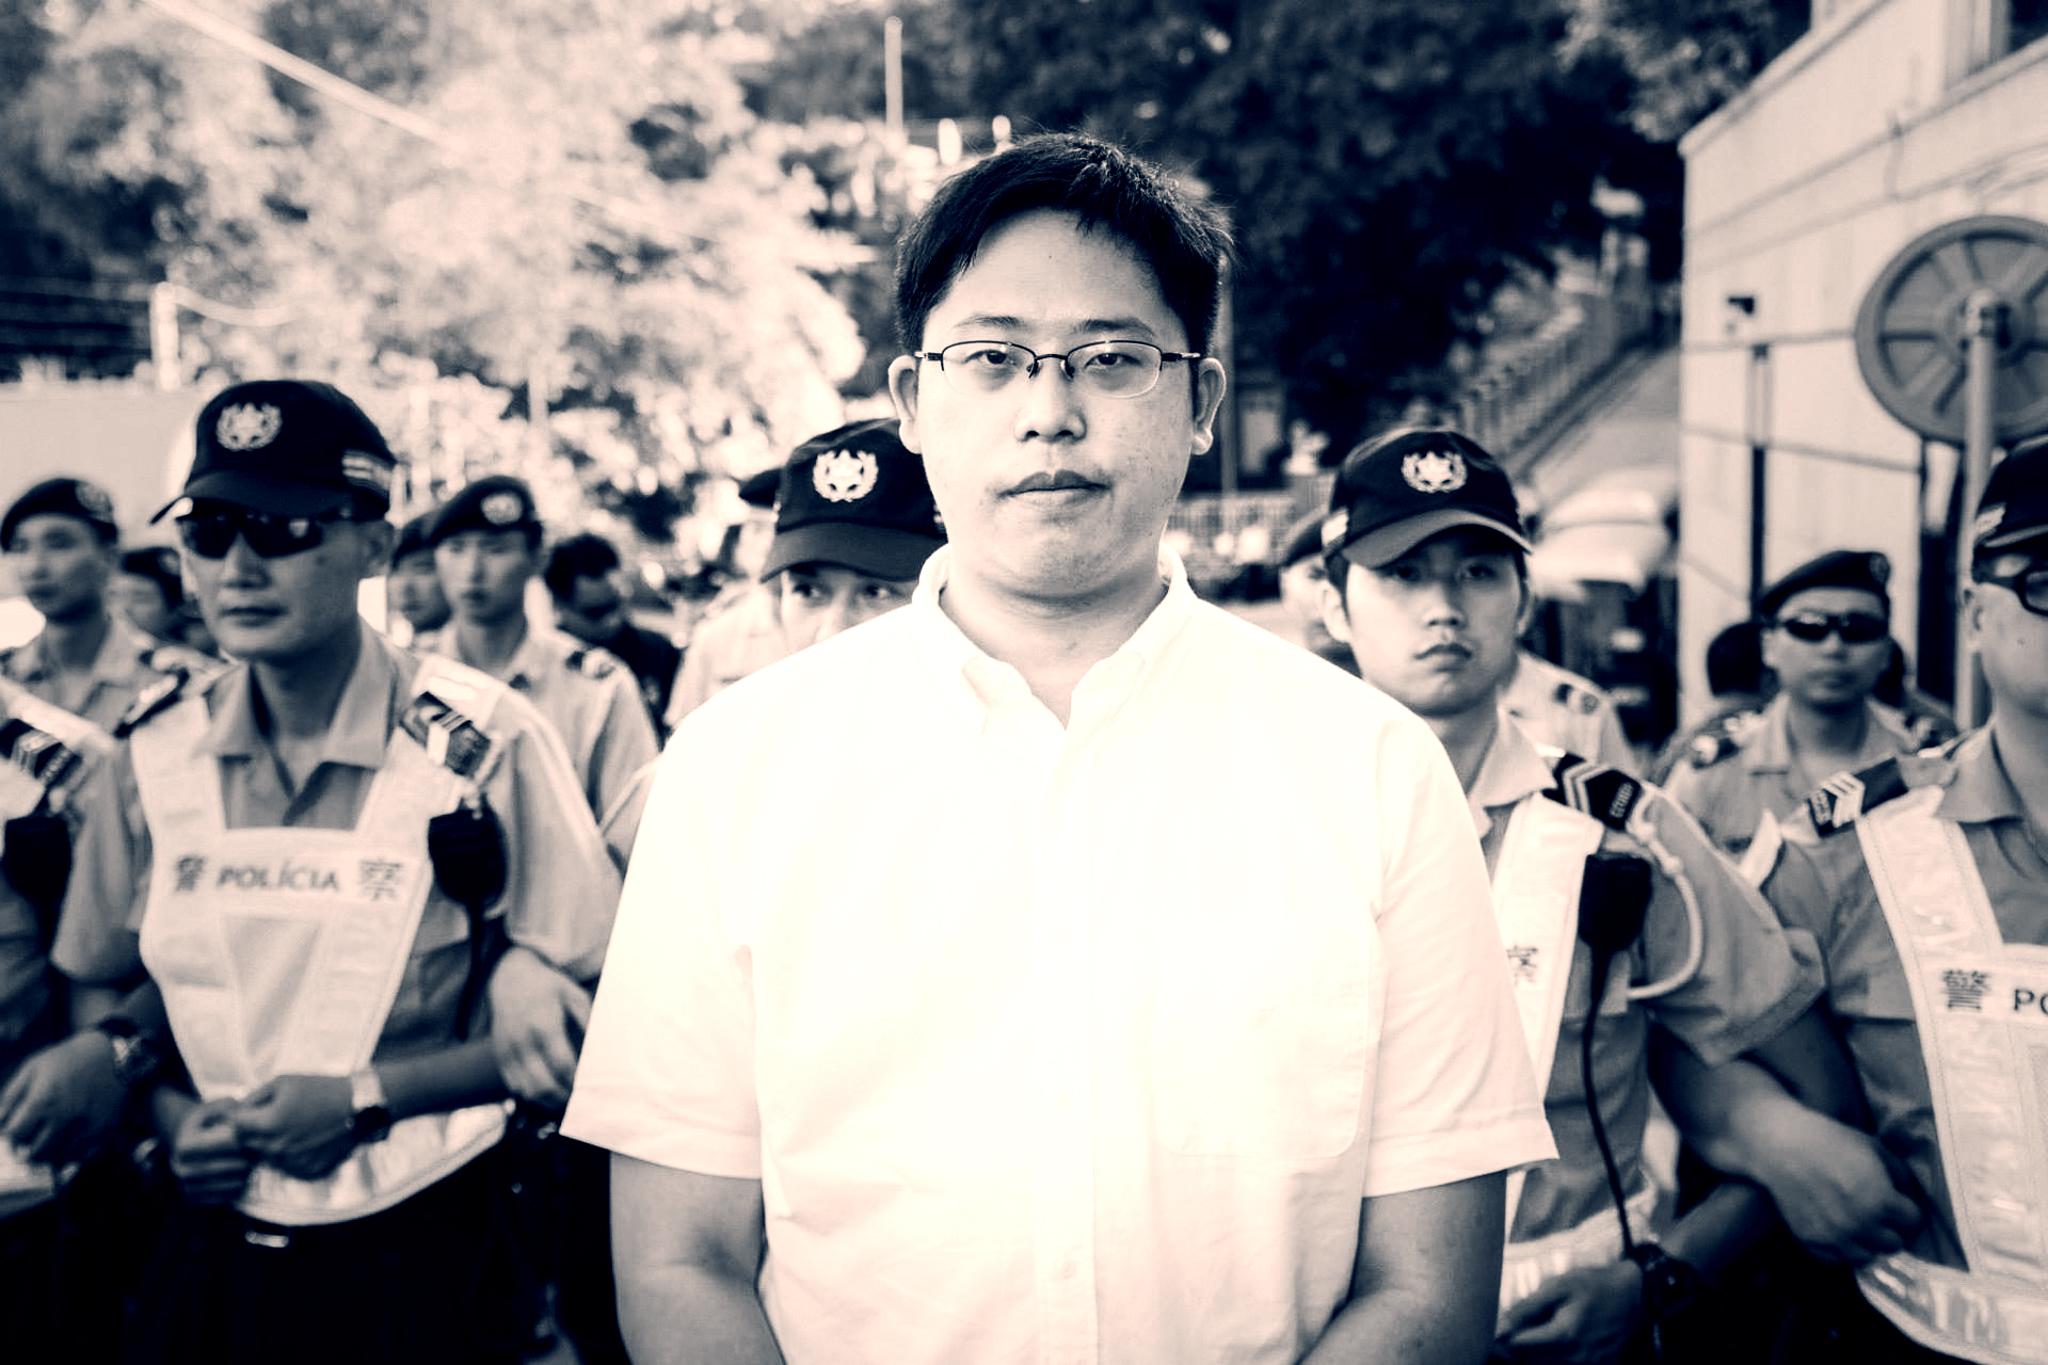 Jason Chao processado por docente da Universidade de Macau